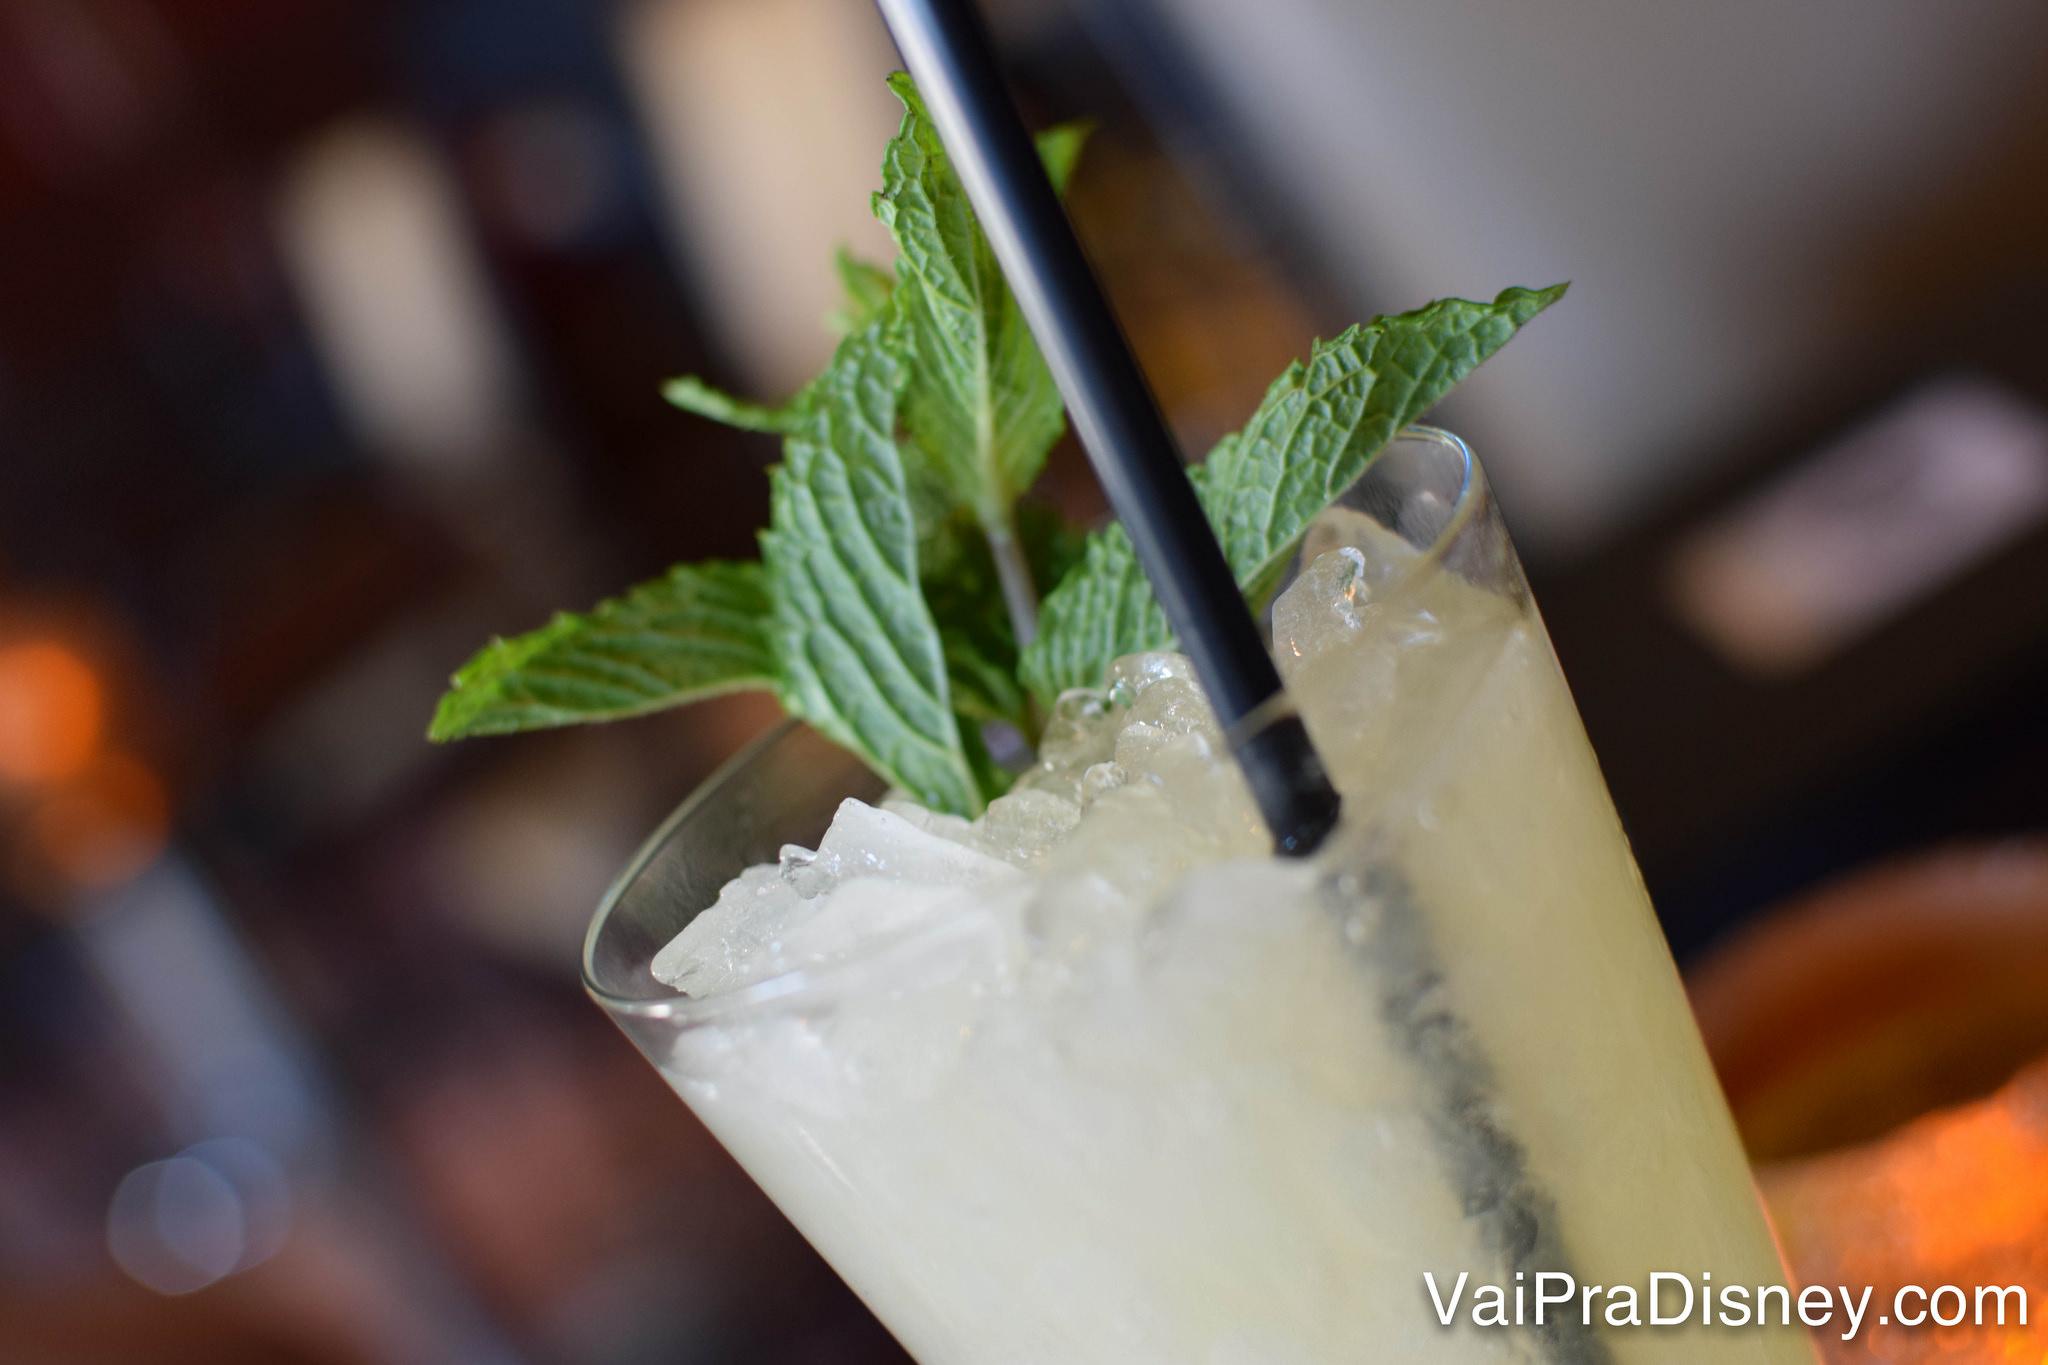 Foto de um drinque com canudo e hortelã em cima, servido em um copo comprido